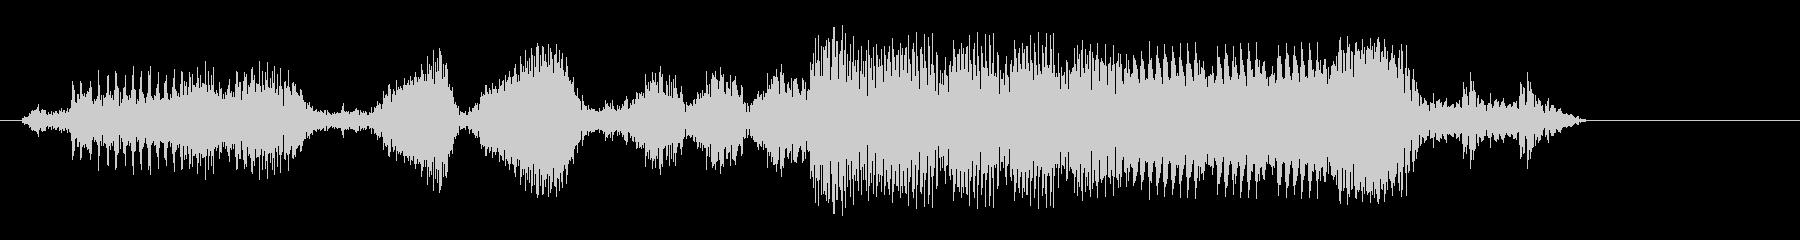 消えたぞぉ(宇宙人のデジタルな掛け声)の未再生の波形